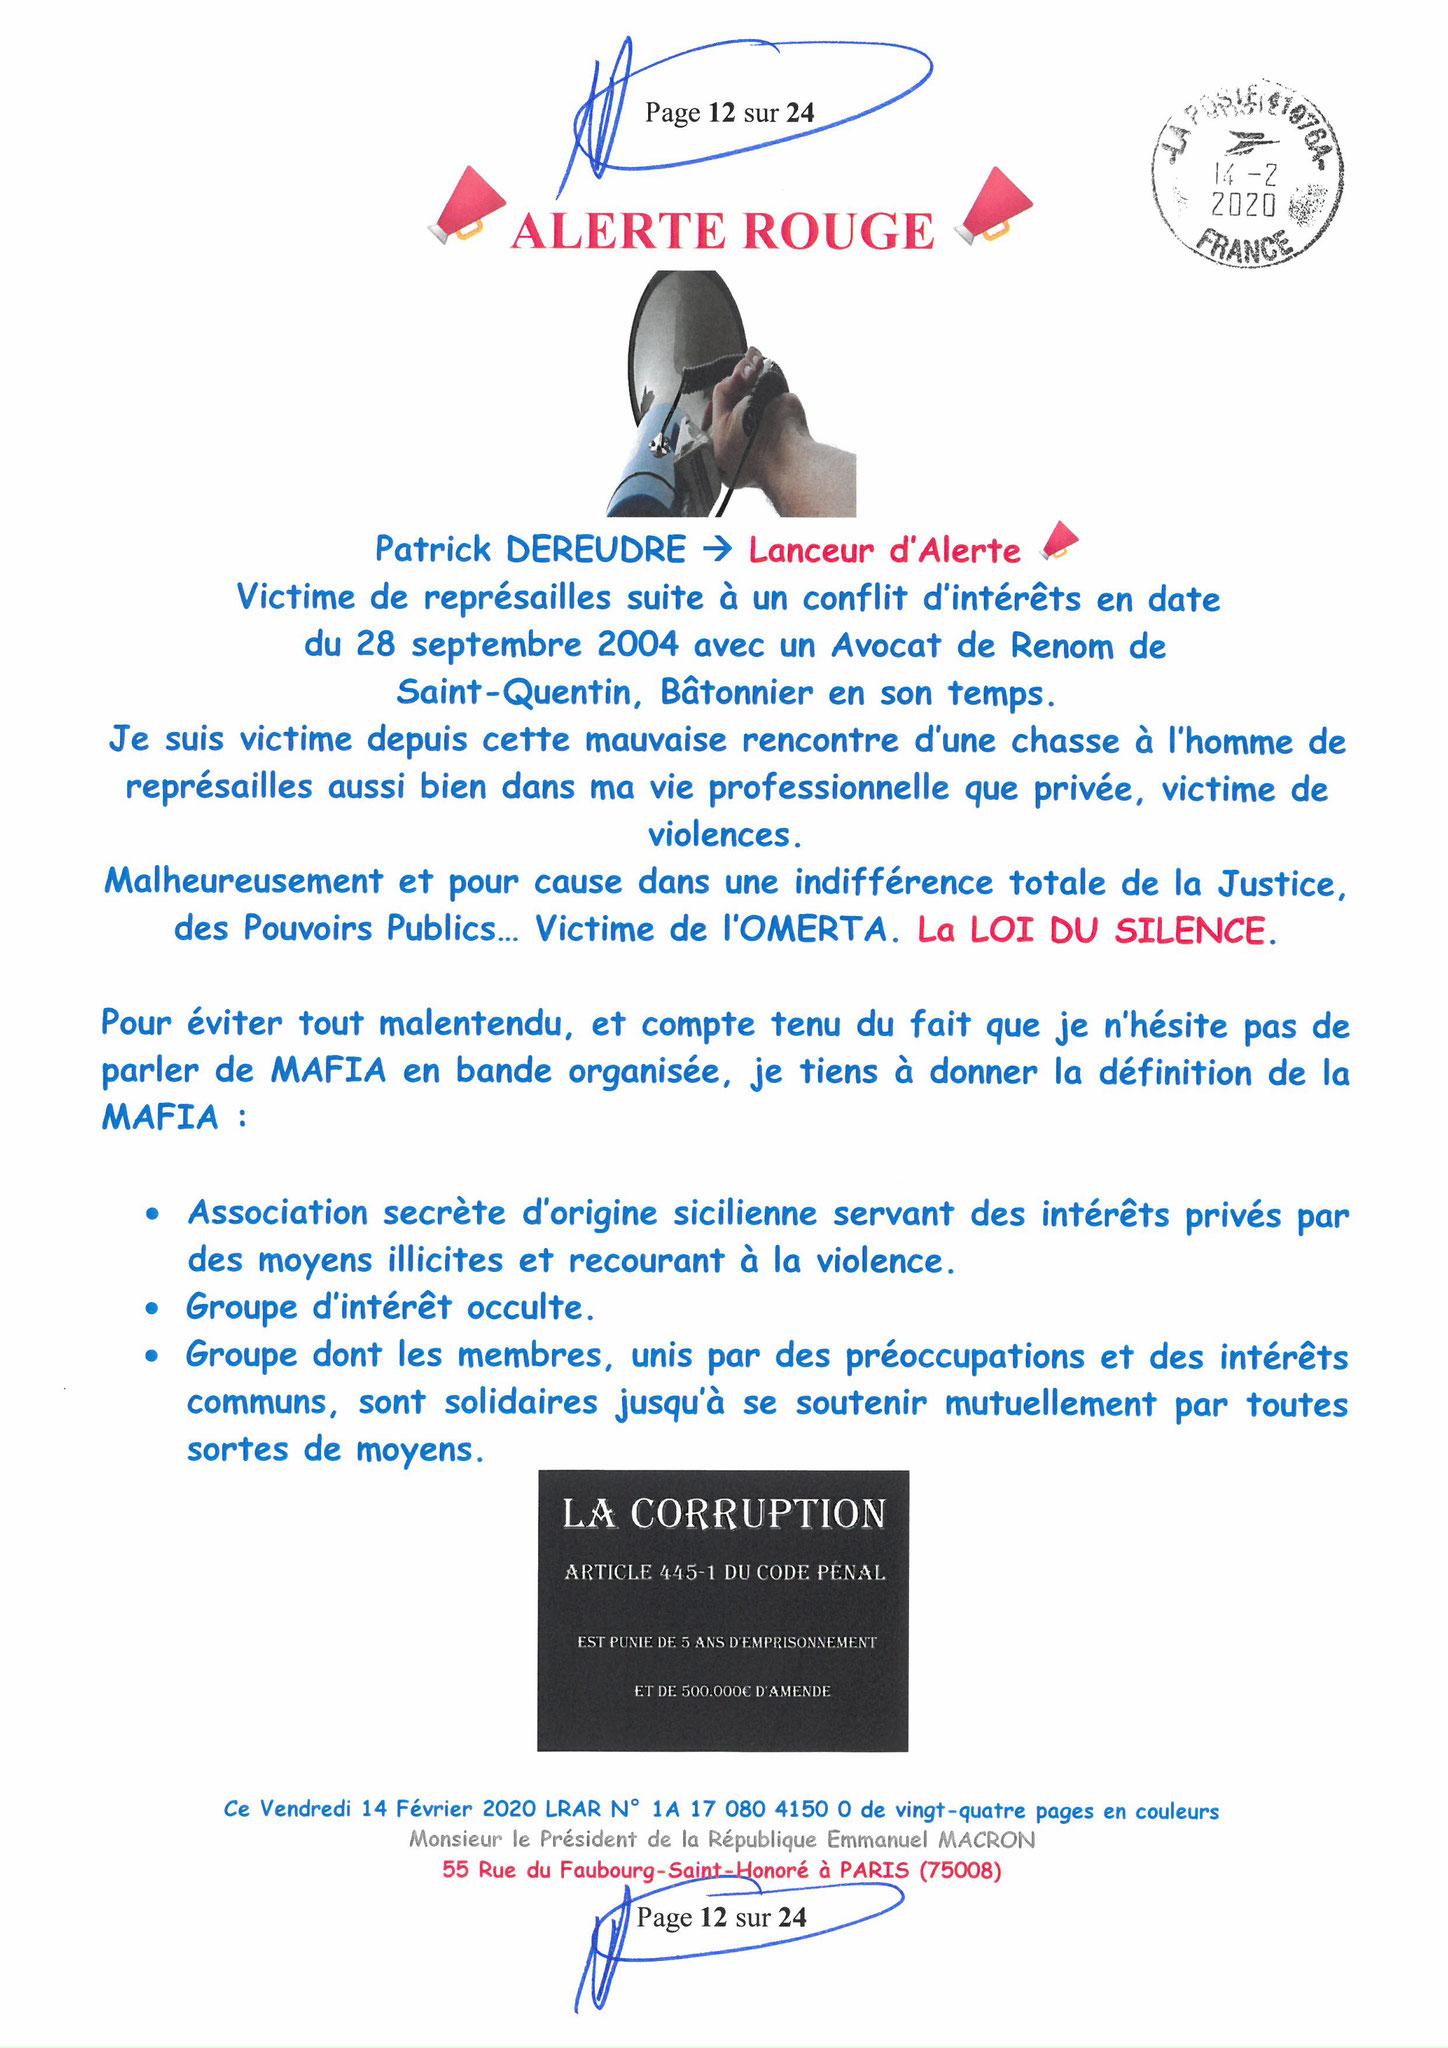 Ma lettre recommandée du 14 Février 2020 N° 1A 178 082 4150 0  page 12 sur 24 en couleur que j'ai adressé à Monsieur Emmanuel MACRON le Président de la République www.jesuispatrick.fr www.jesuisvictime.fr www.alerte-rouge-france.fr